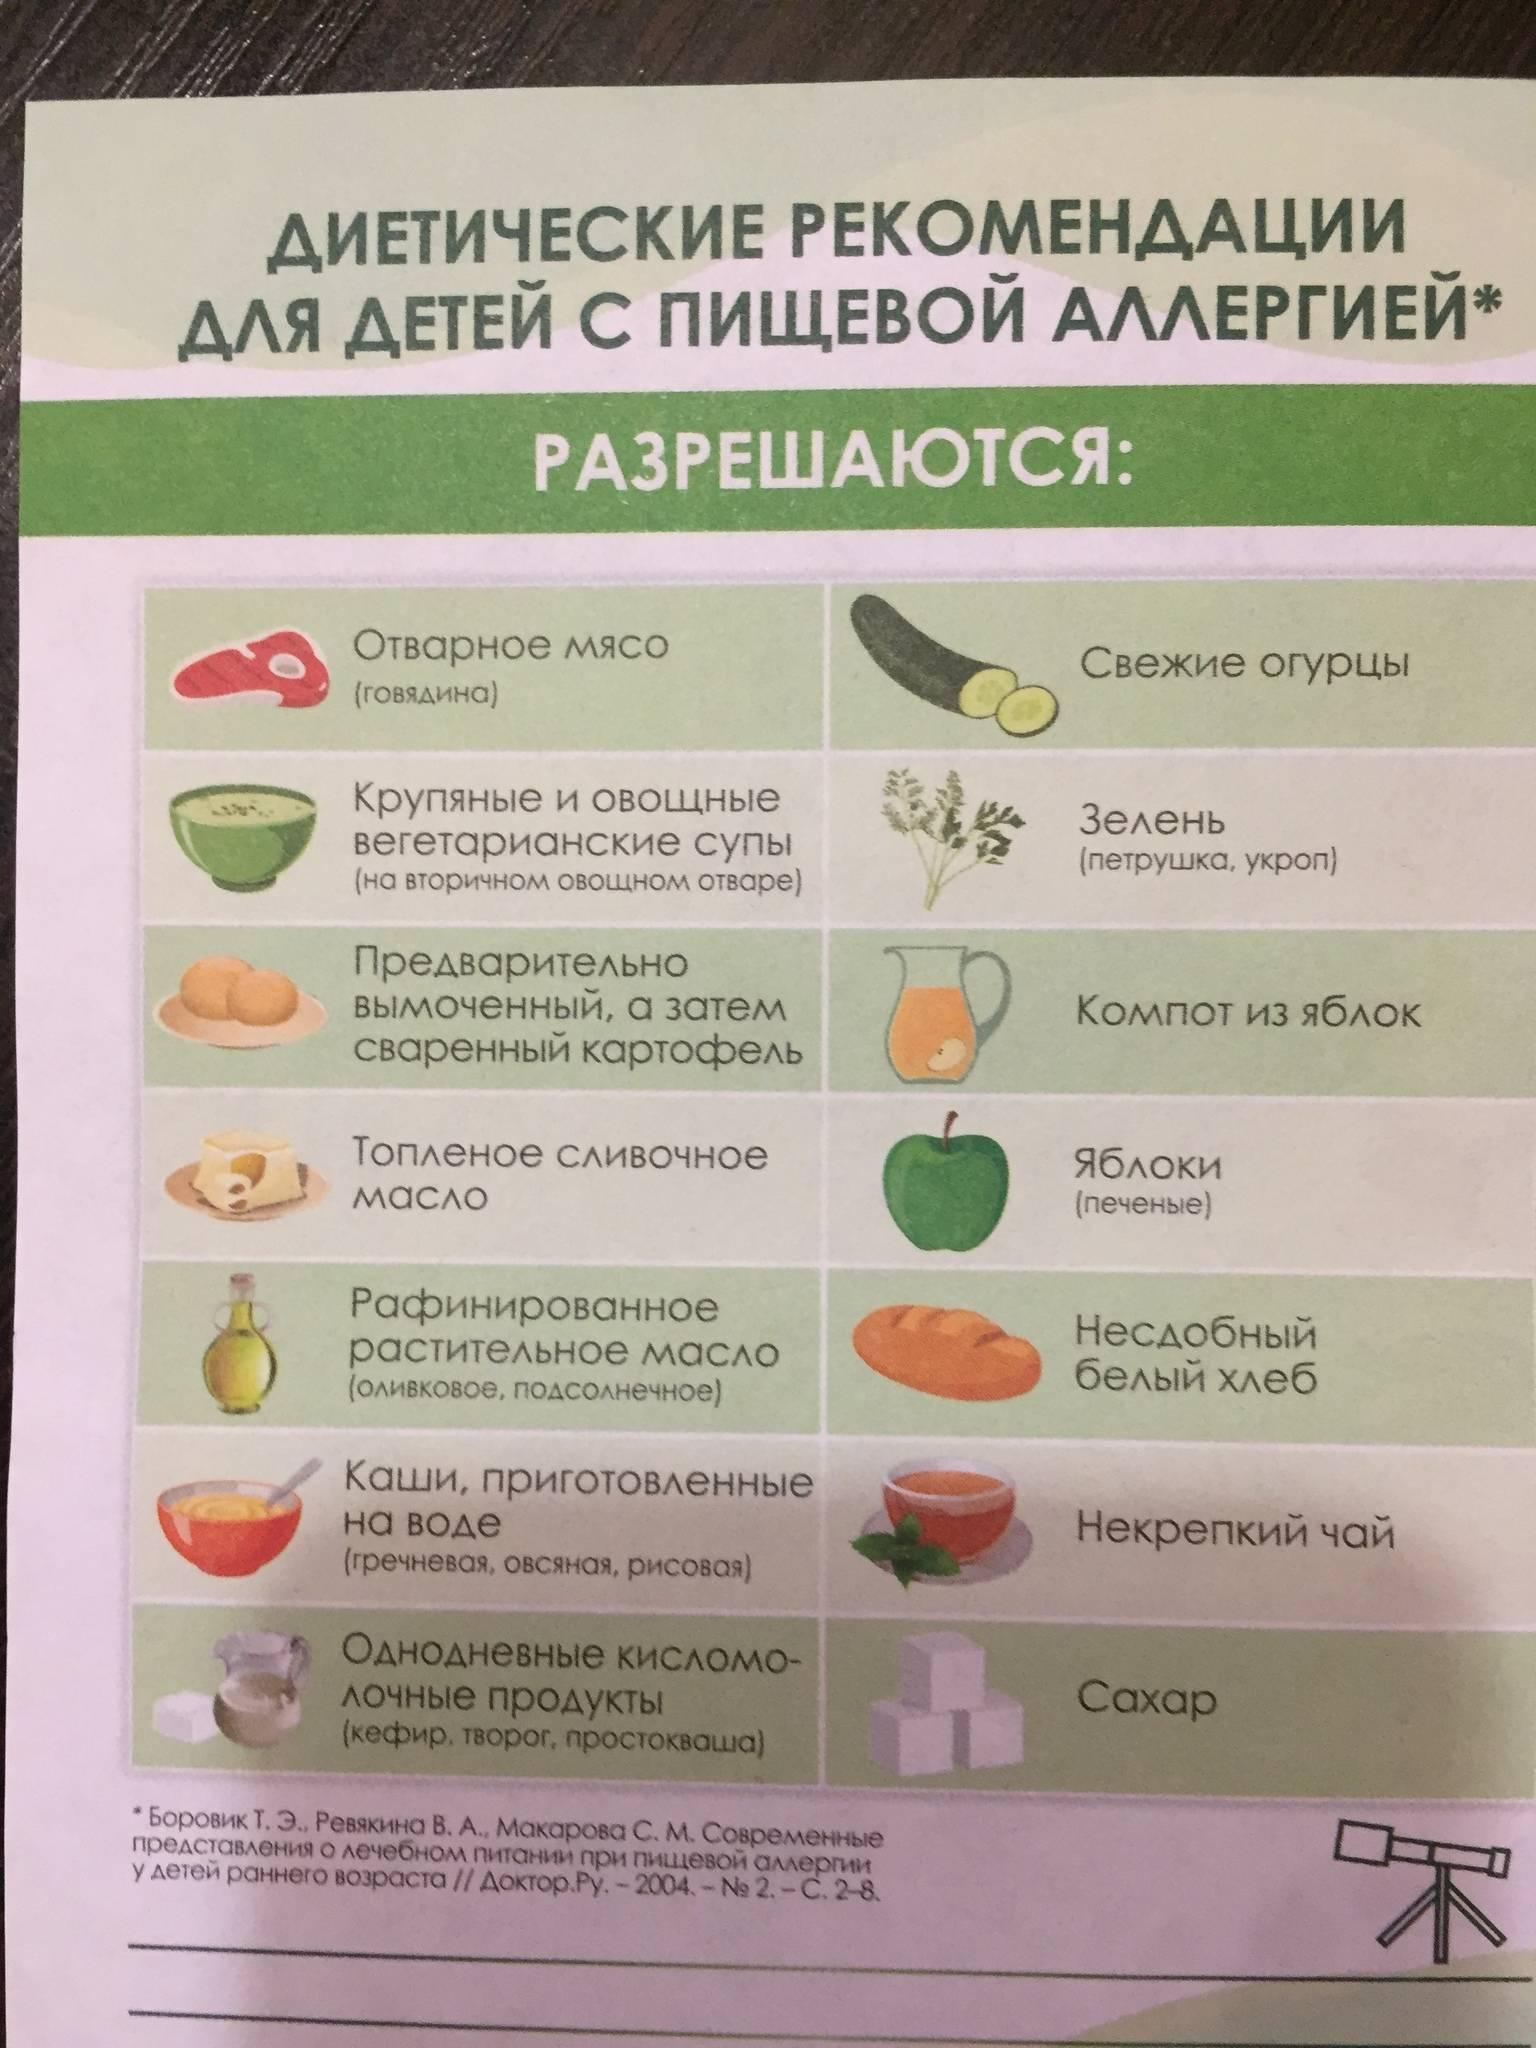 Гипоаллергенная диета для детей: продукты, меню на неделю, рецепты